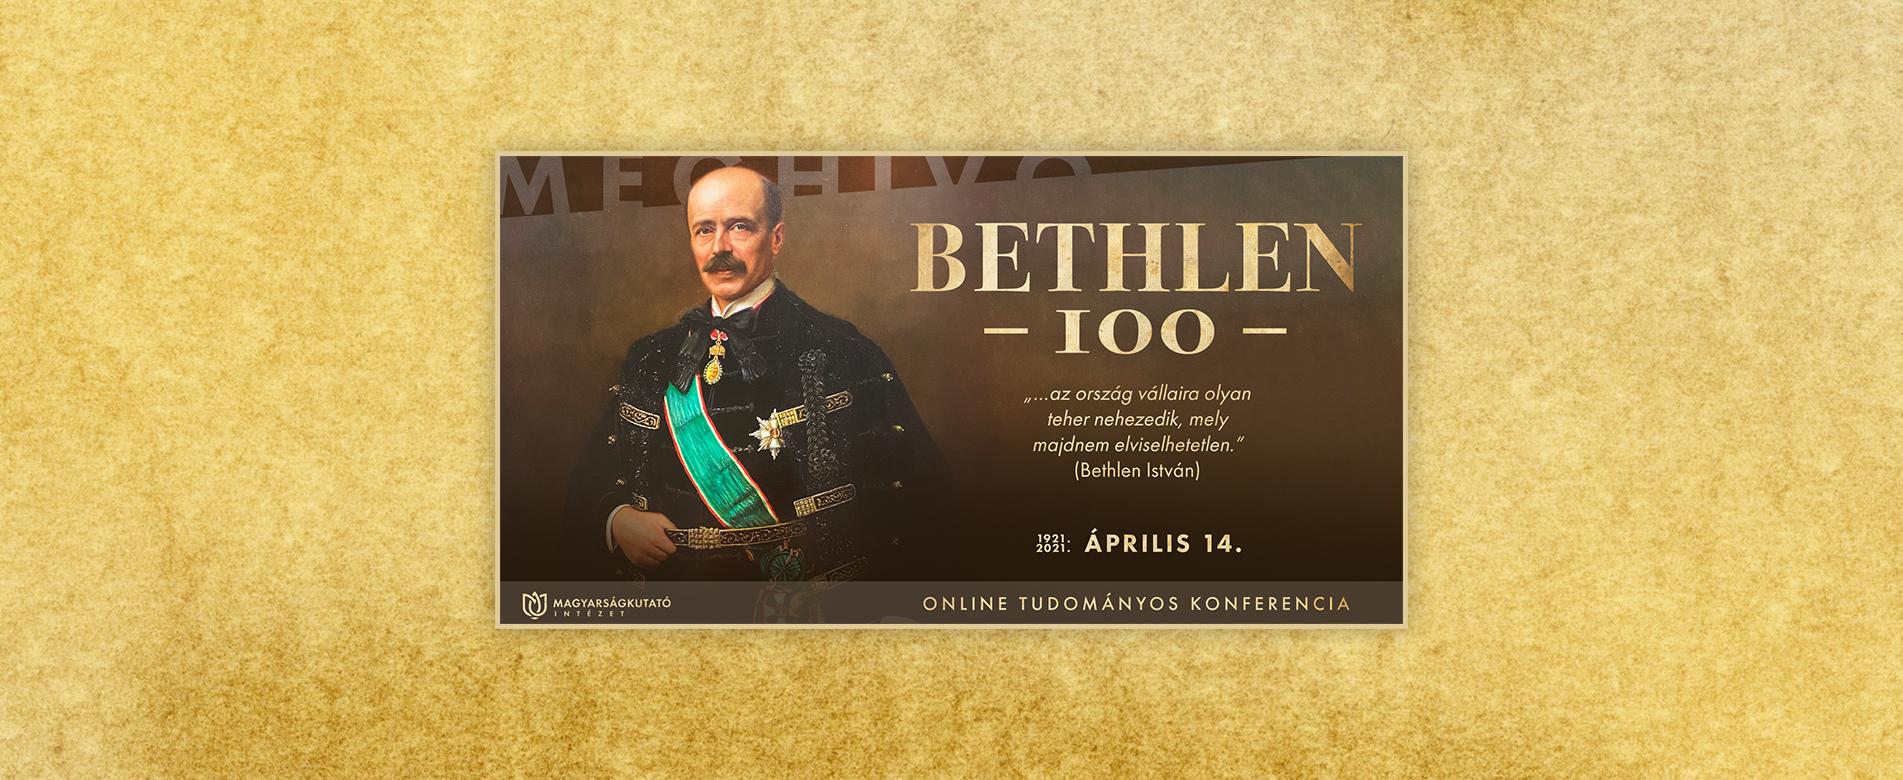 Bethlen 100 tudományos konferencia